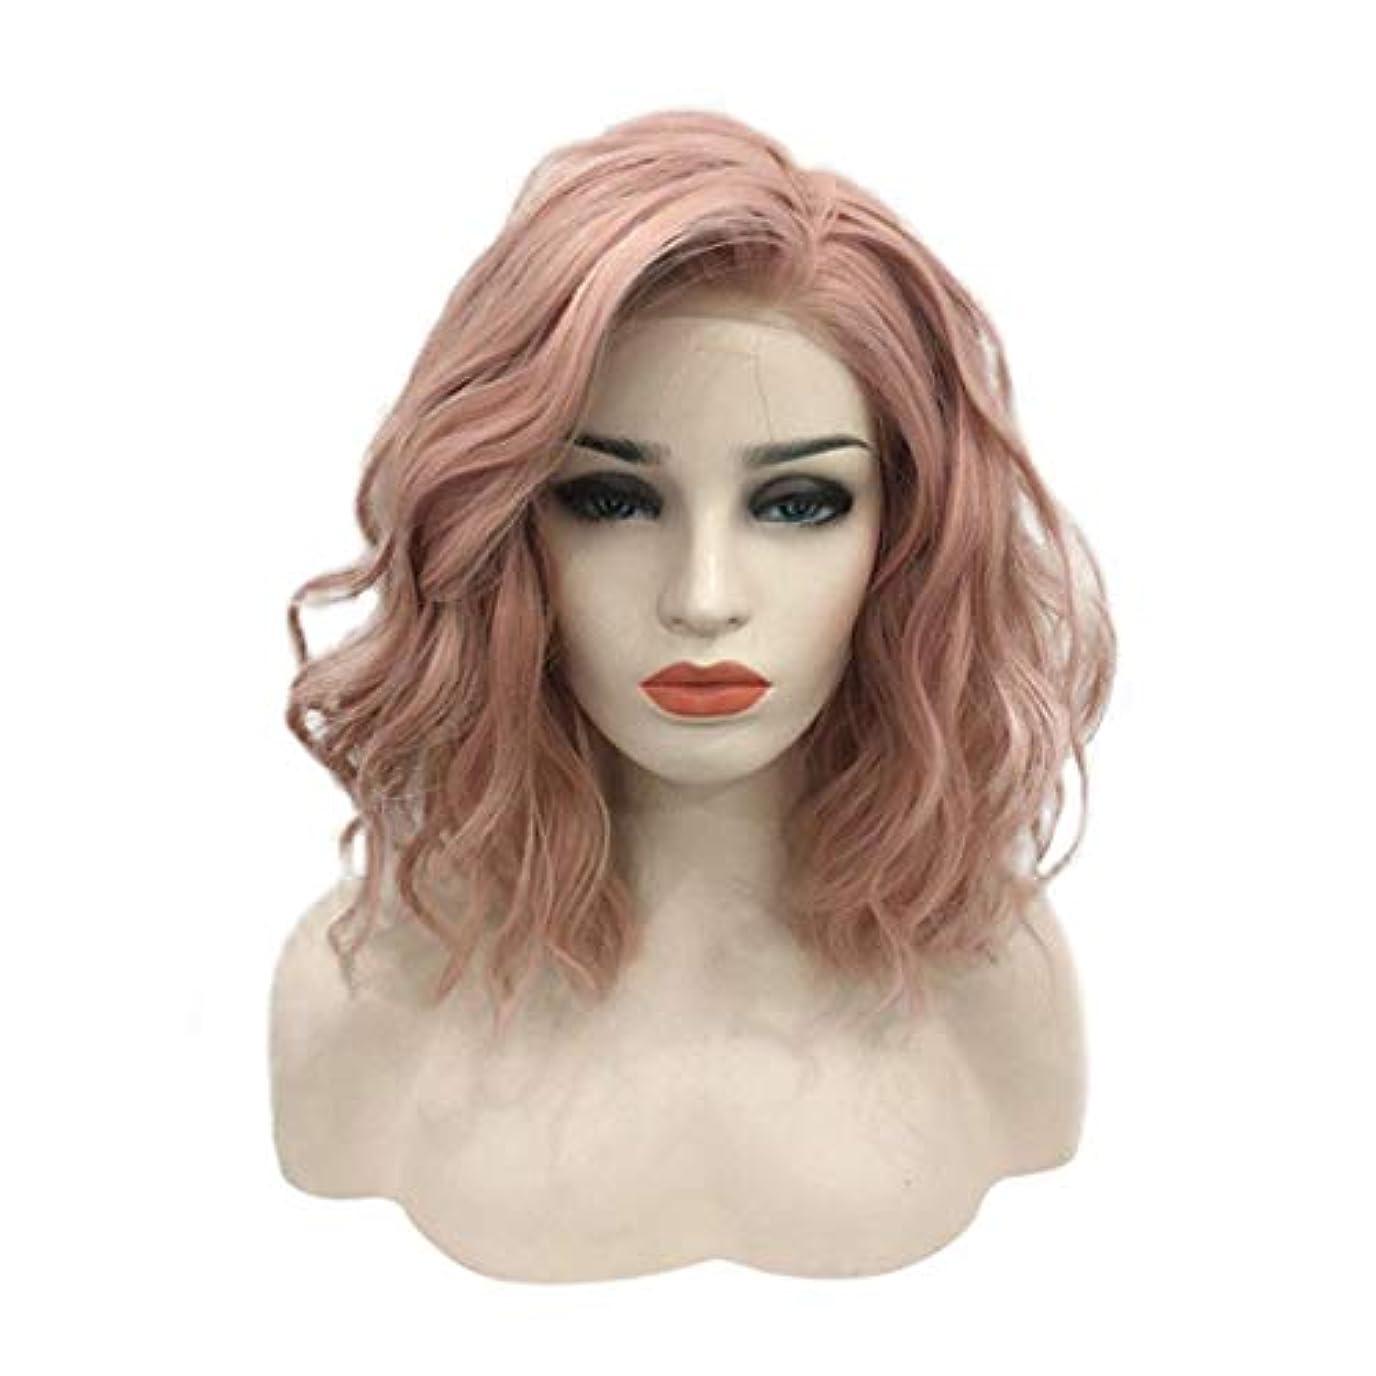 肝面倒達成するKoloeplf 女性用レースフロントショートルーズカーリー合成かつらカラフルな髪14インチ (Size : 14inch)